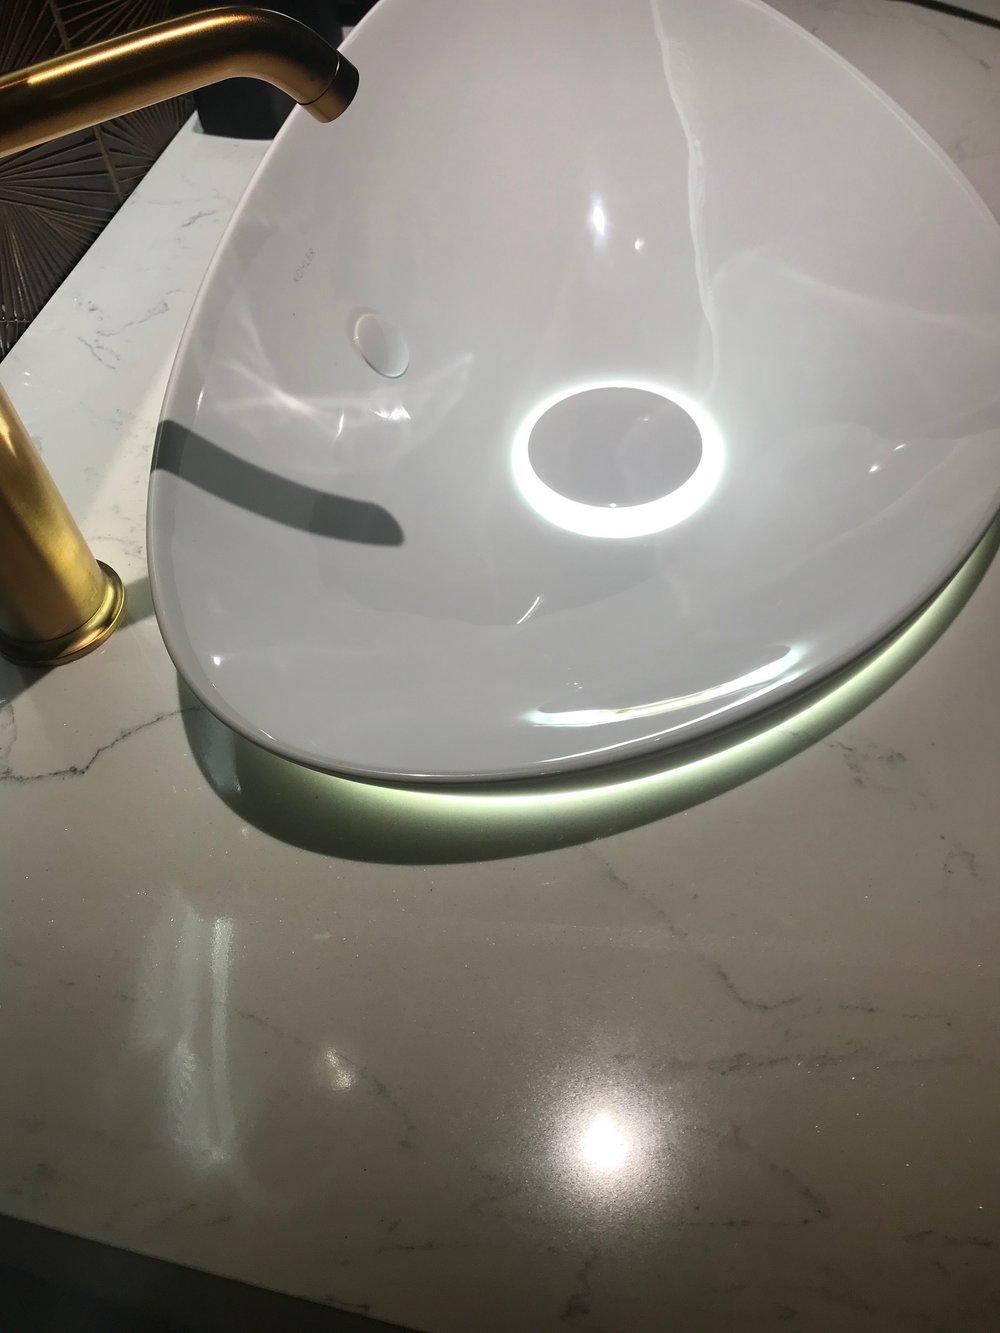 2019-02 Kohler Veil Sink - Lighted Drain.jpg